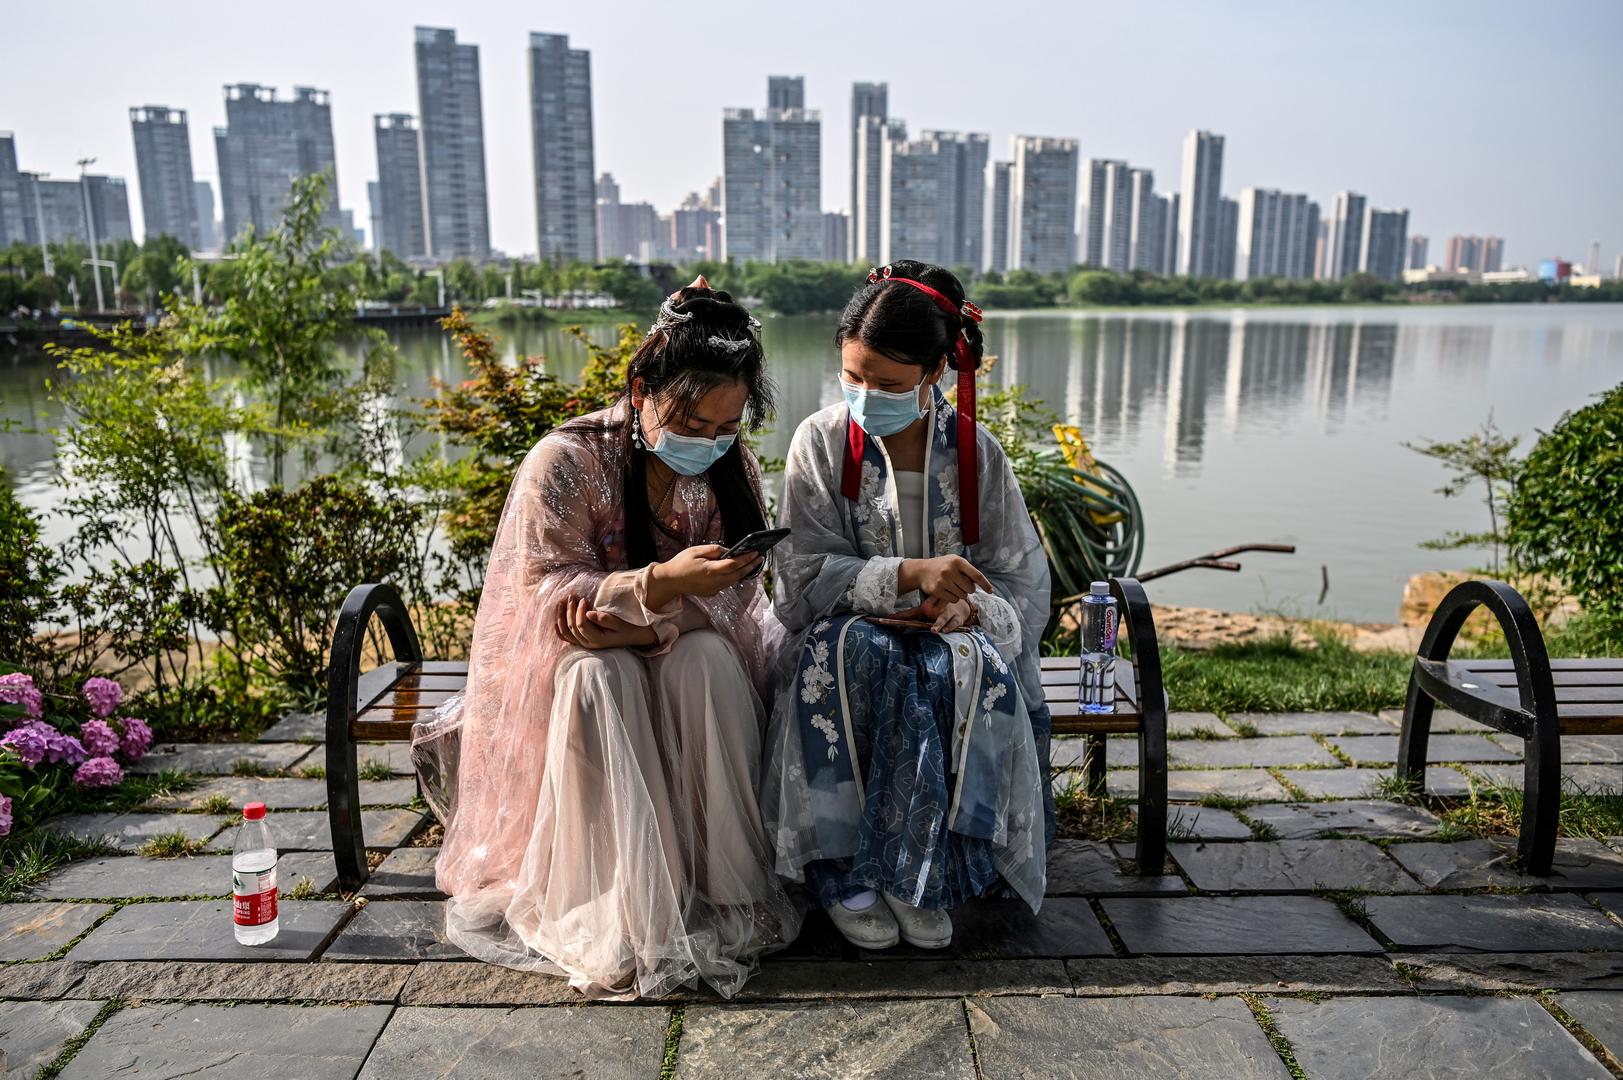 دراسة: فيروس كورونا ربما تفشى في الصين منذ أغسطس